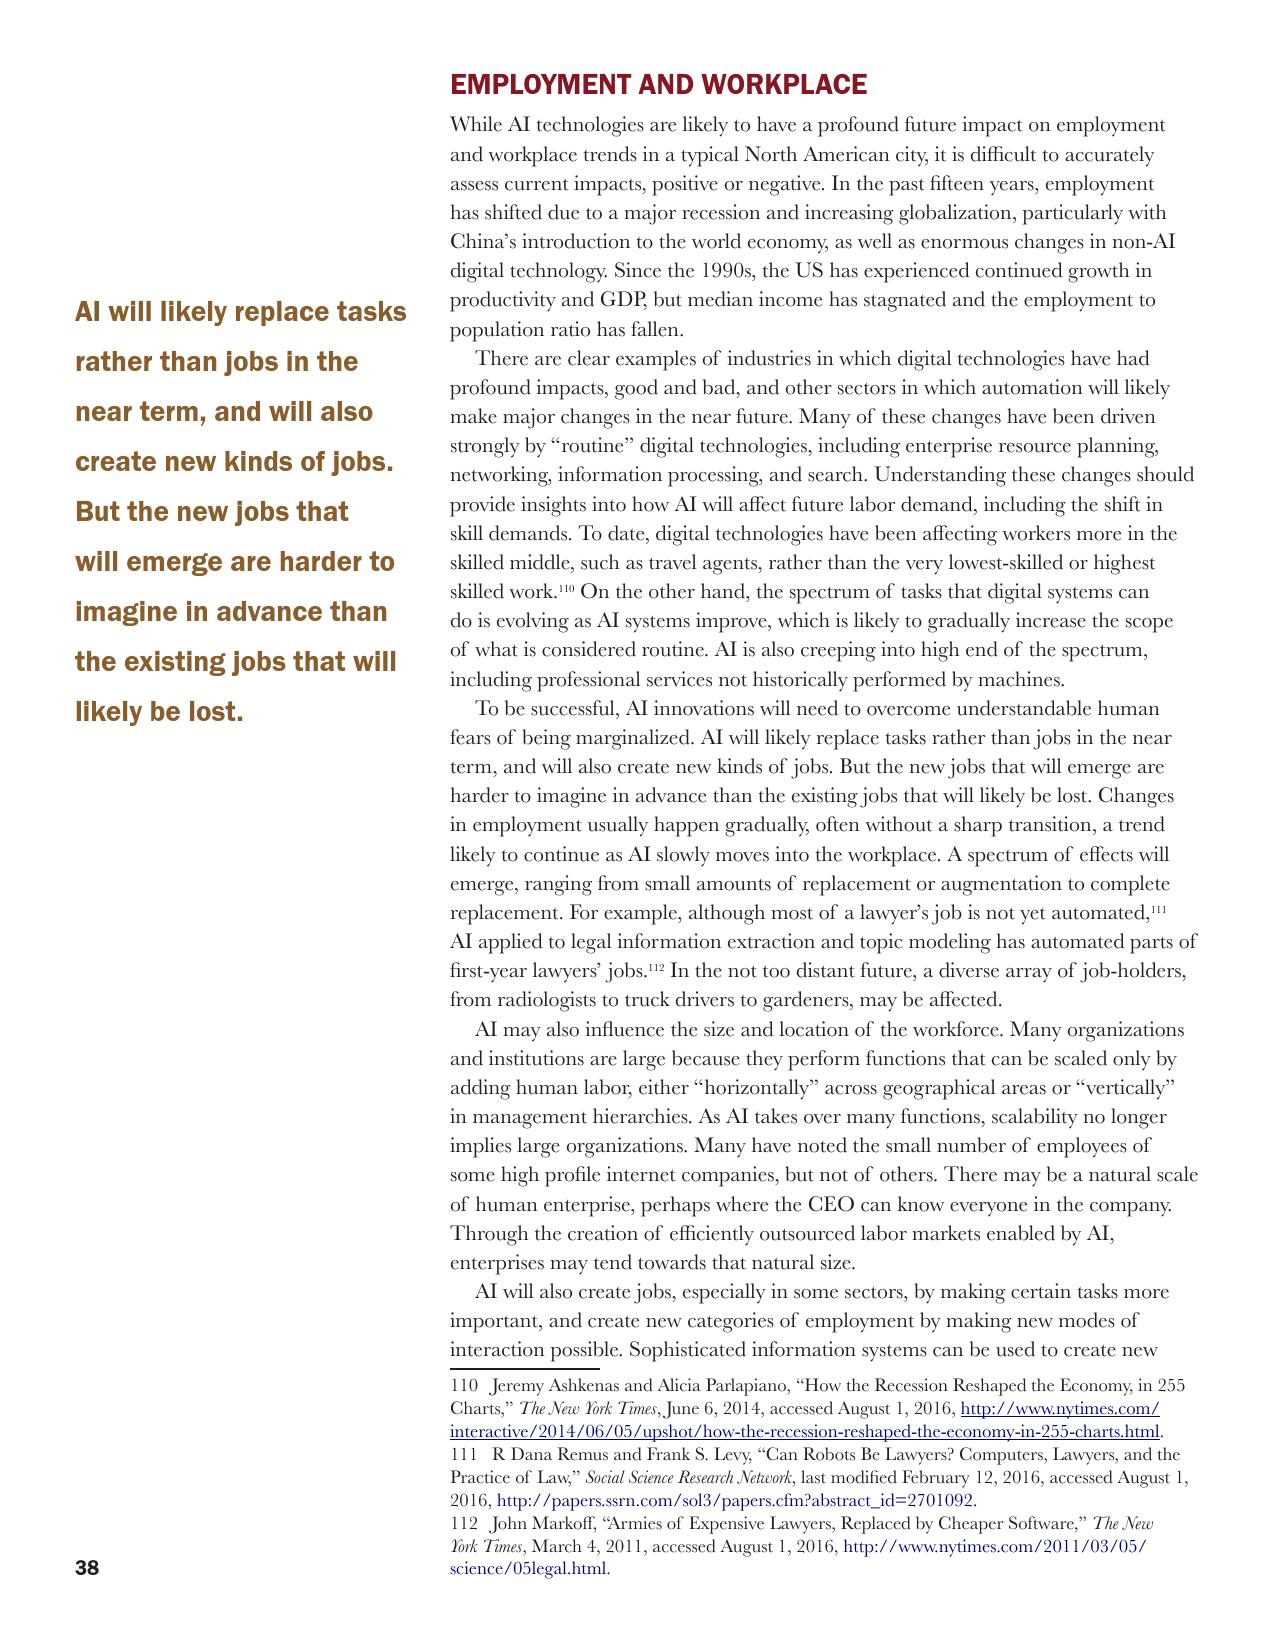 斯坦福:2030年的人工智能与人类生活_000038